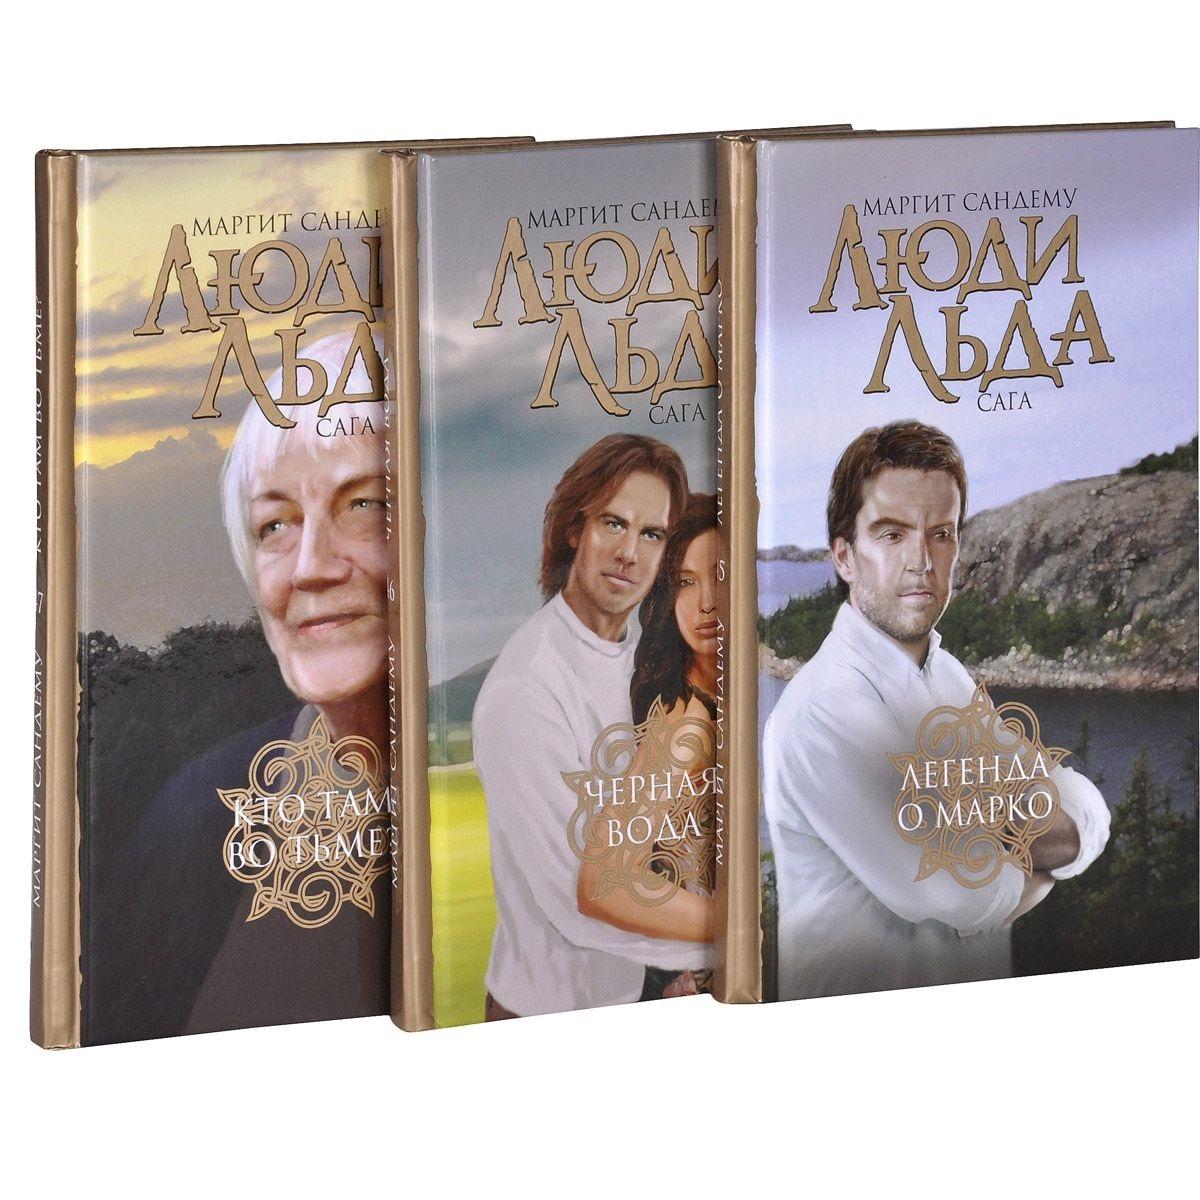 Сандему М. Люди Льда. Сага. Том 45-47 (комплект из 3 книг) сандему м люди льда сага том 17 20 комплект из 4 книг